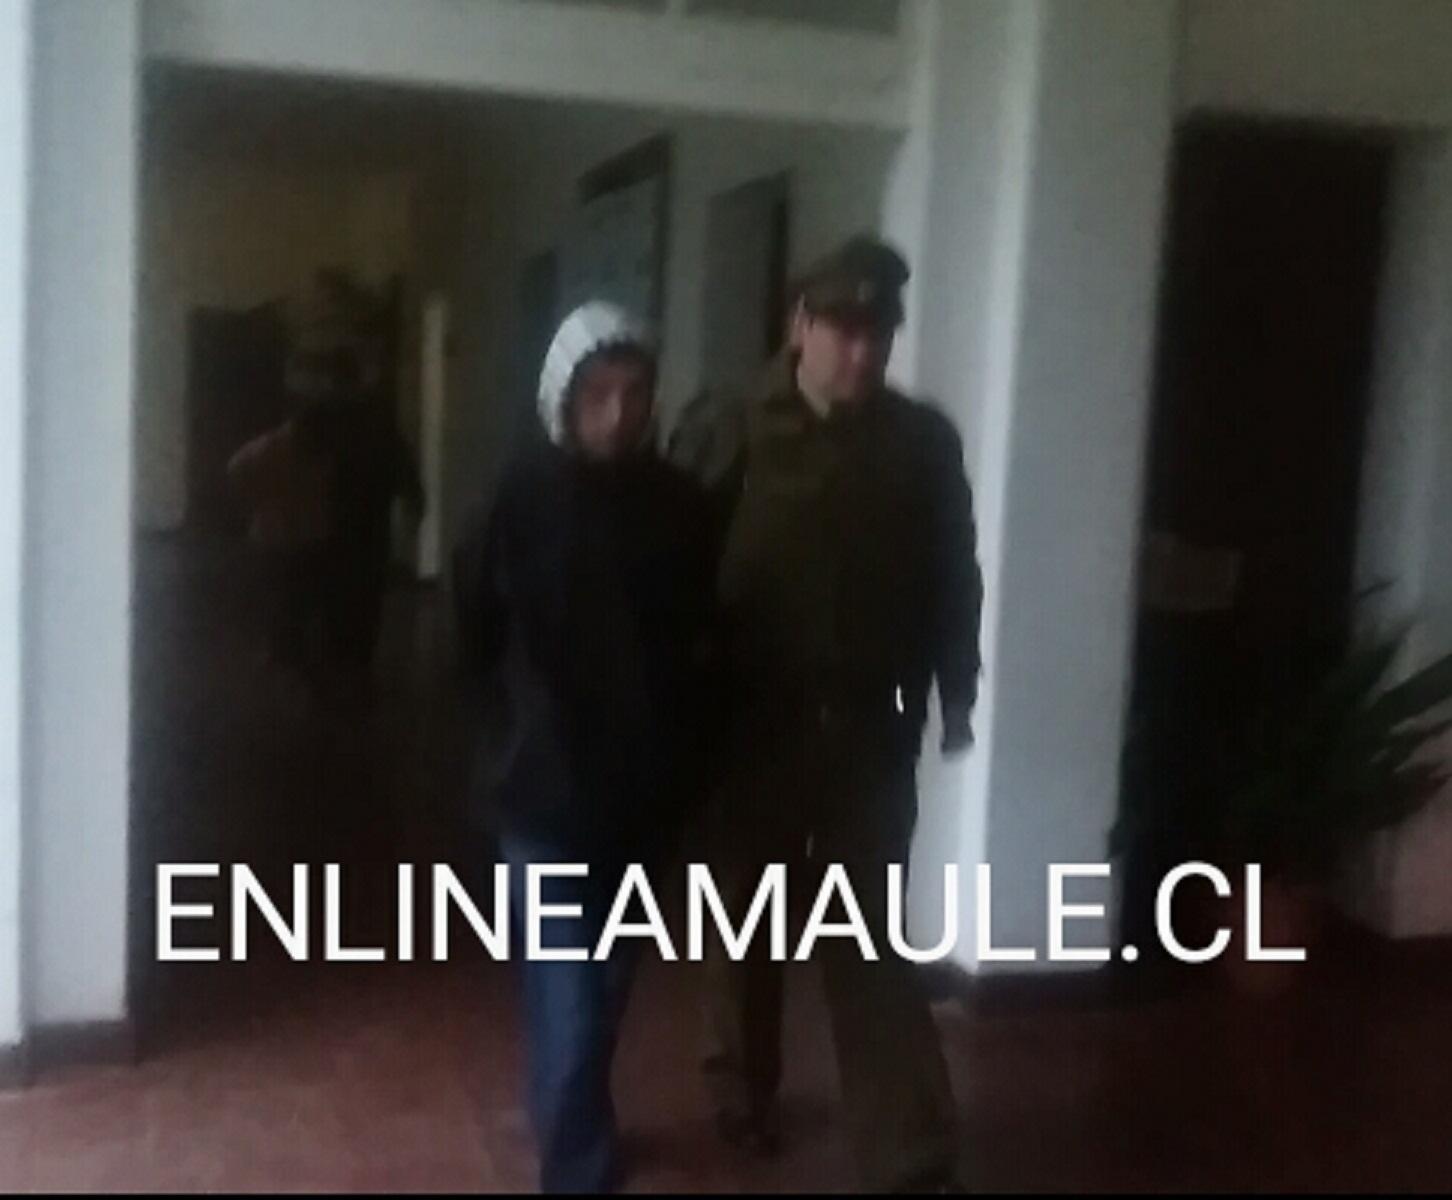 Carabineros  Tenencia  Talca Oriente, detienen a 2 personas  prófugas requeridas por la justicia